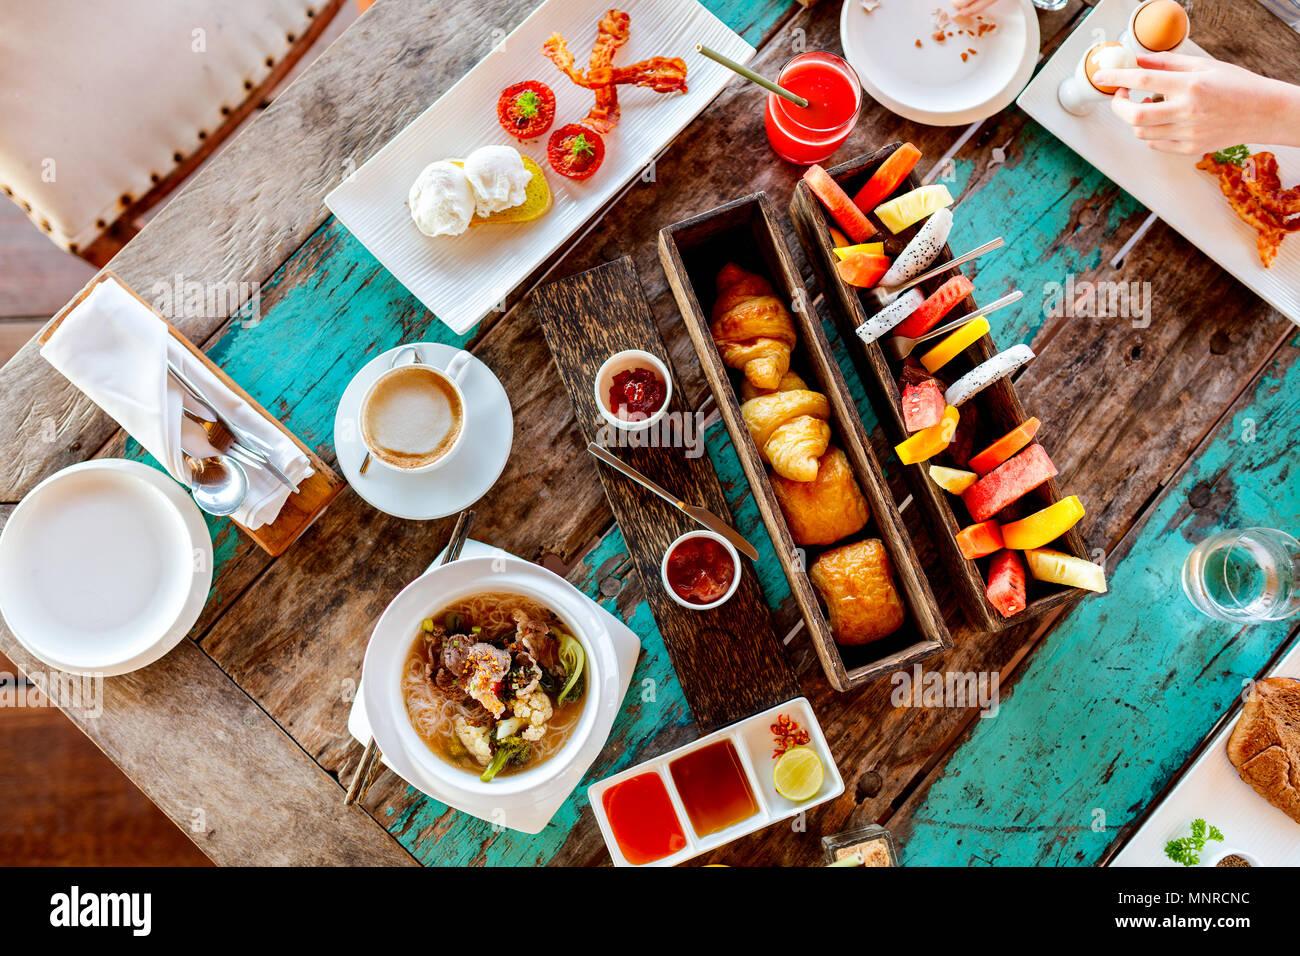 Vue de dessus de délicieux aliments biologiques servis pour le petit-déjeuner sur la table en bois rustique. Café, œufs, fruits, jus de fruits, des croissants et de la confiture. Photo Stock